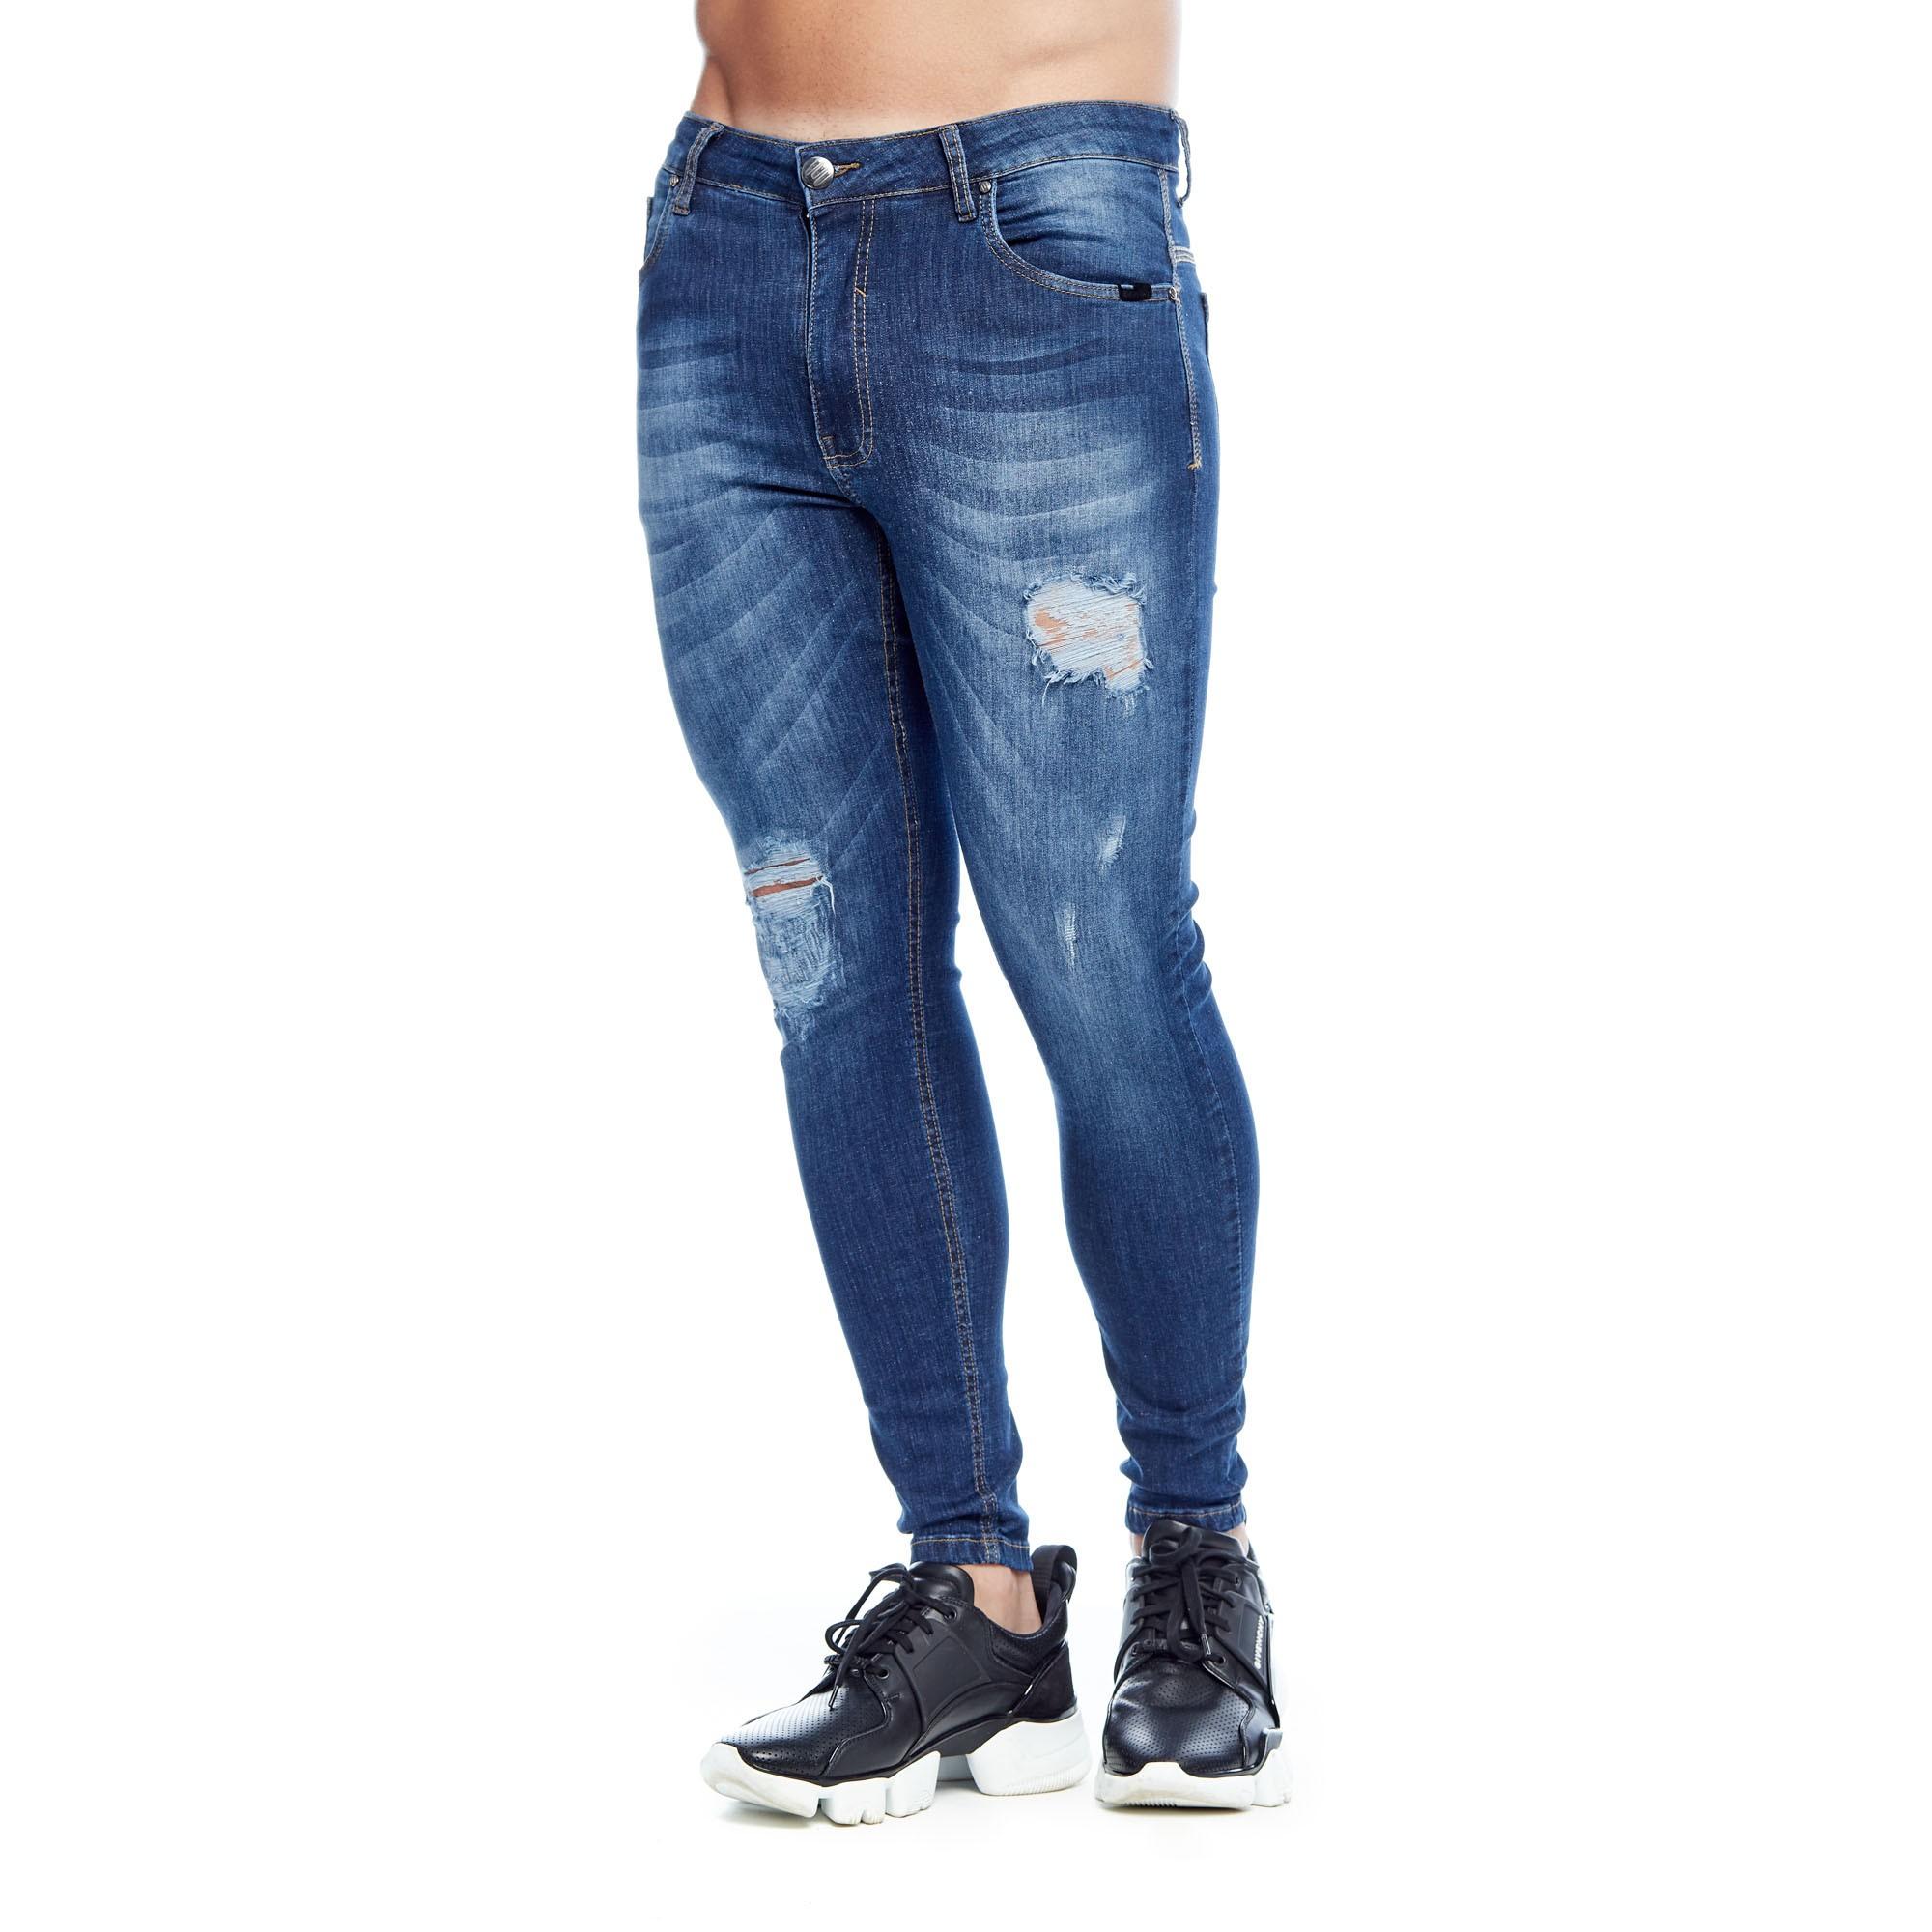 Calça Jeans Evolvee Super Body Skinny